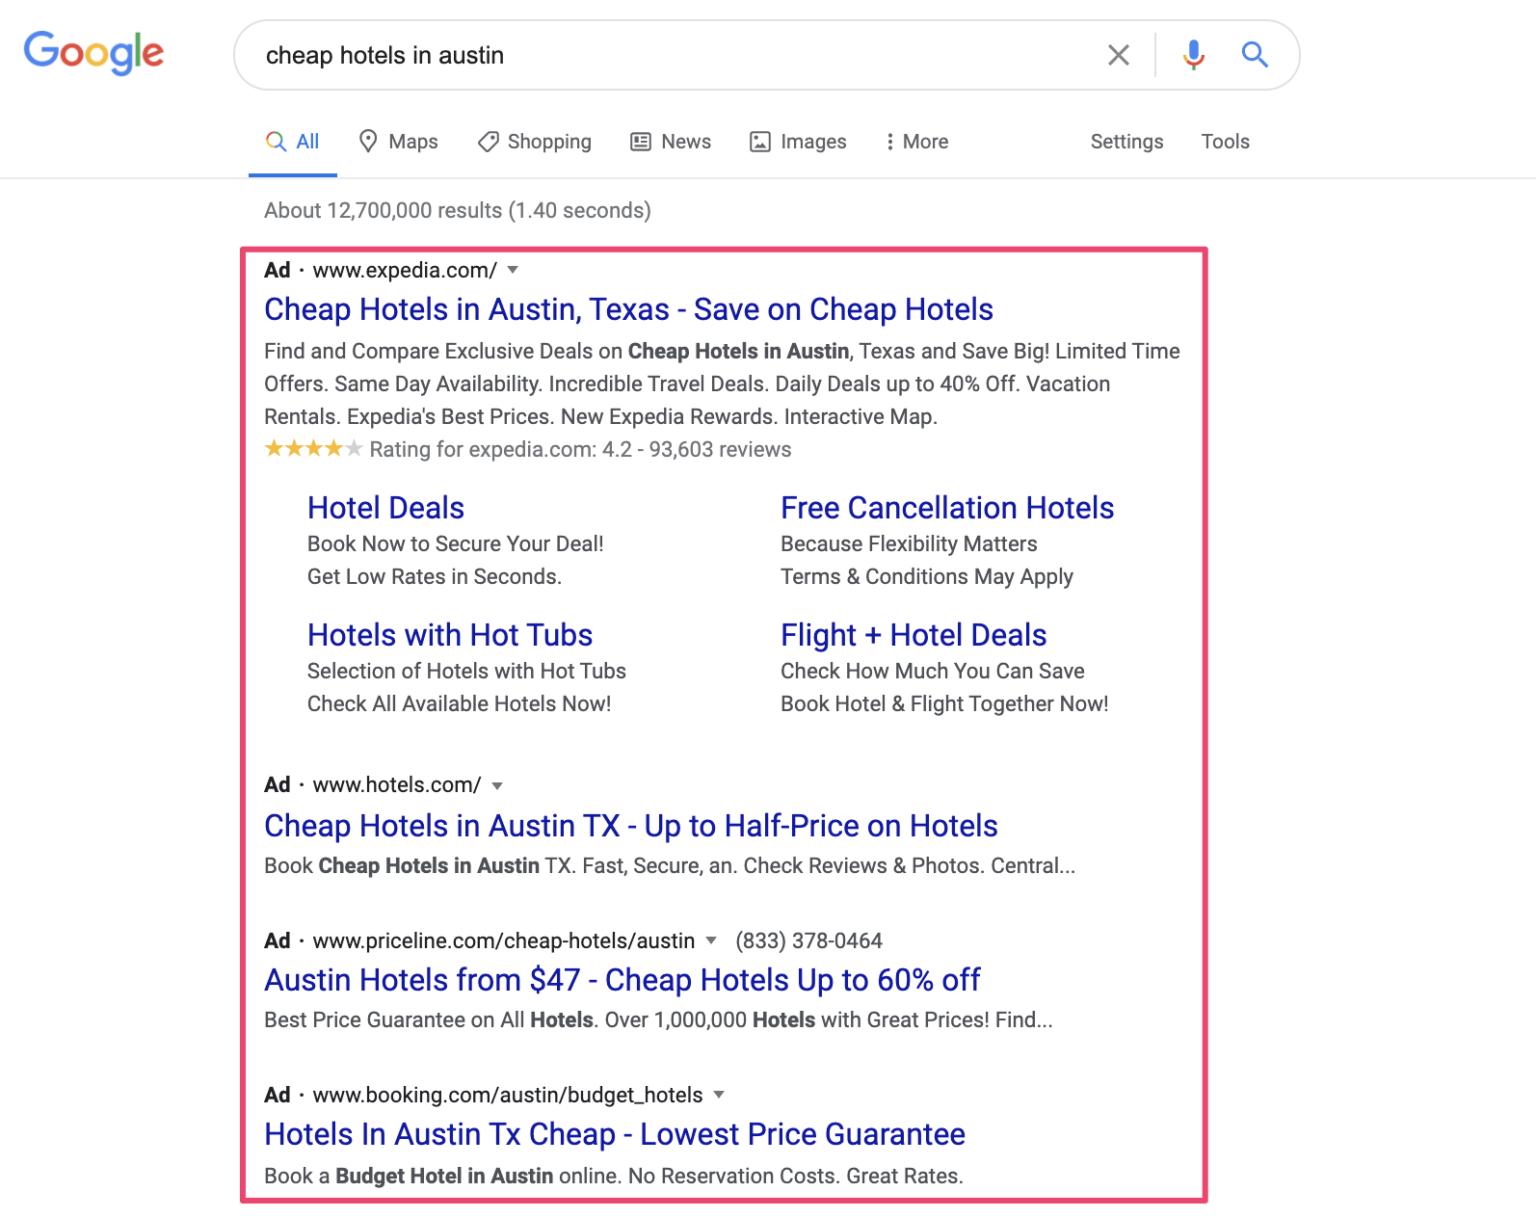 Hình 2: Quảng cáo tìm kiếm động và quảng cáo văn bản tương đối giống nhau